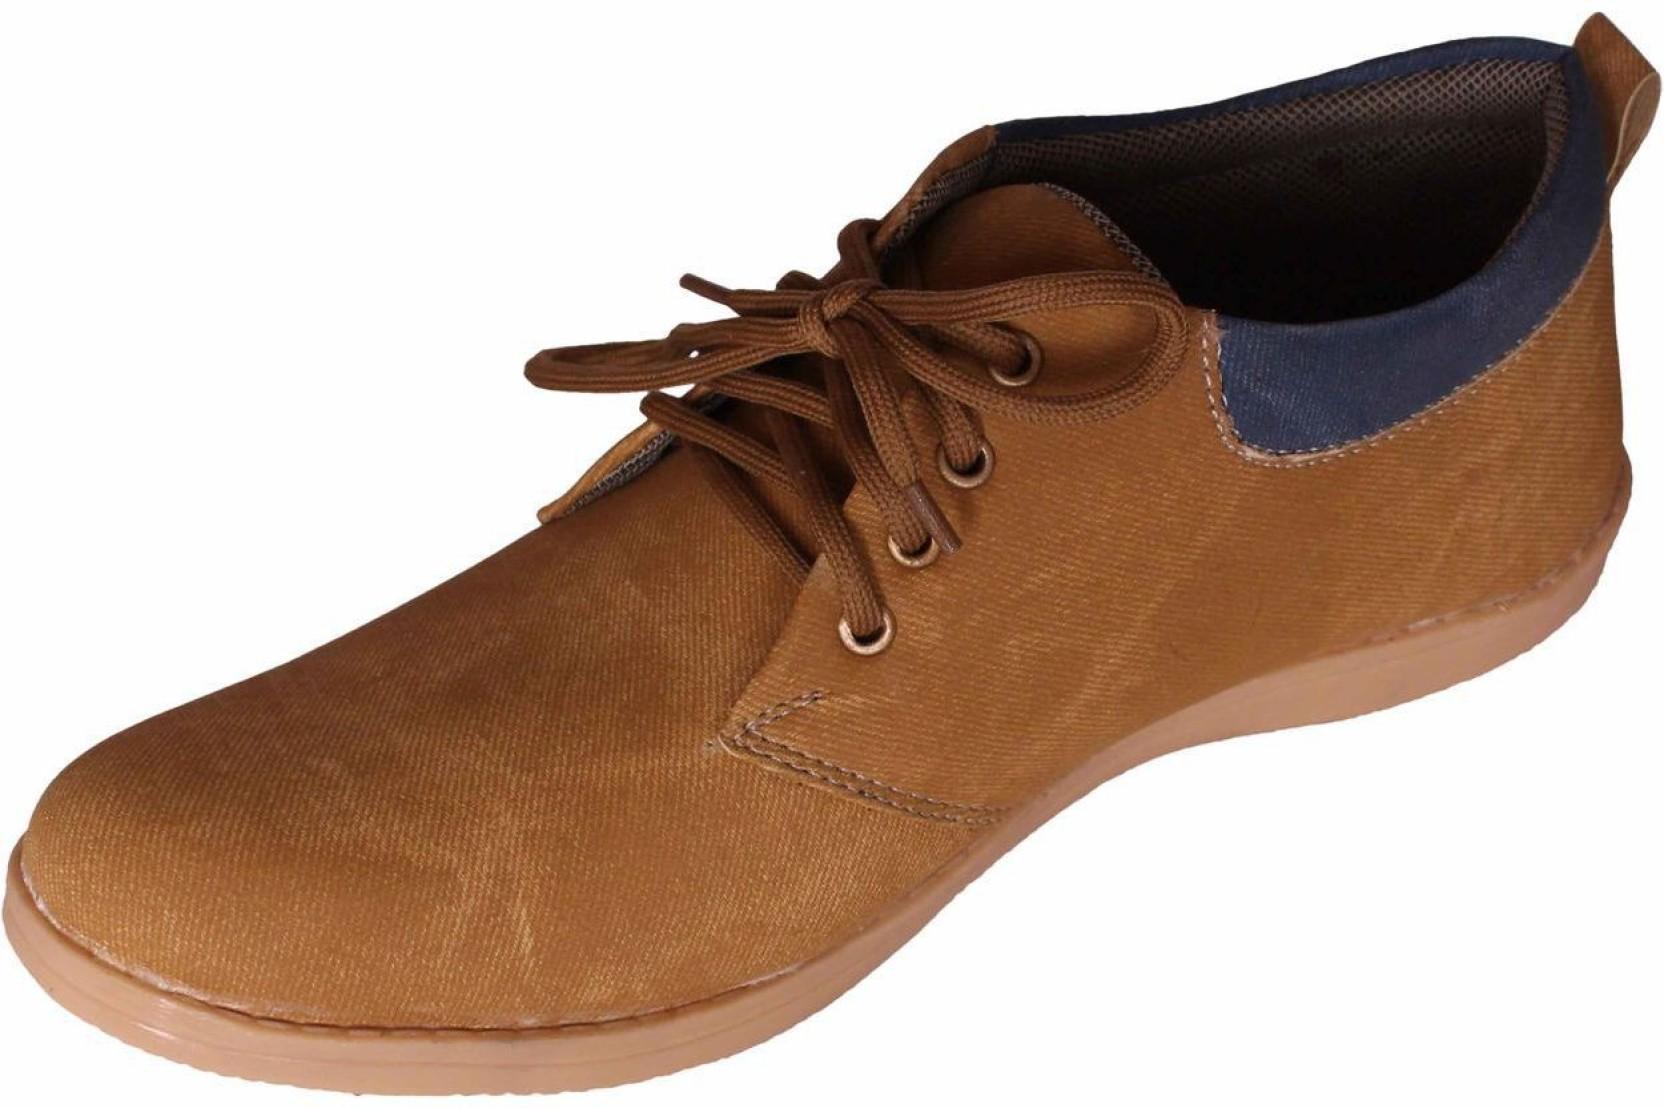 3df3e9e52f850e Leegram Outdoors For Men - Buy Brown Color Leegram Outdoors For Men ...